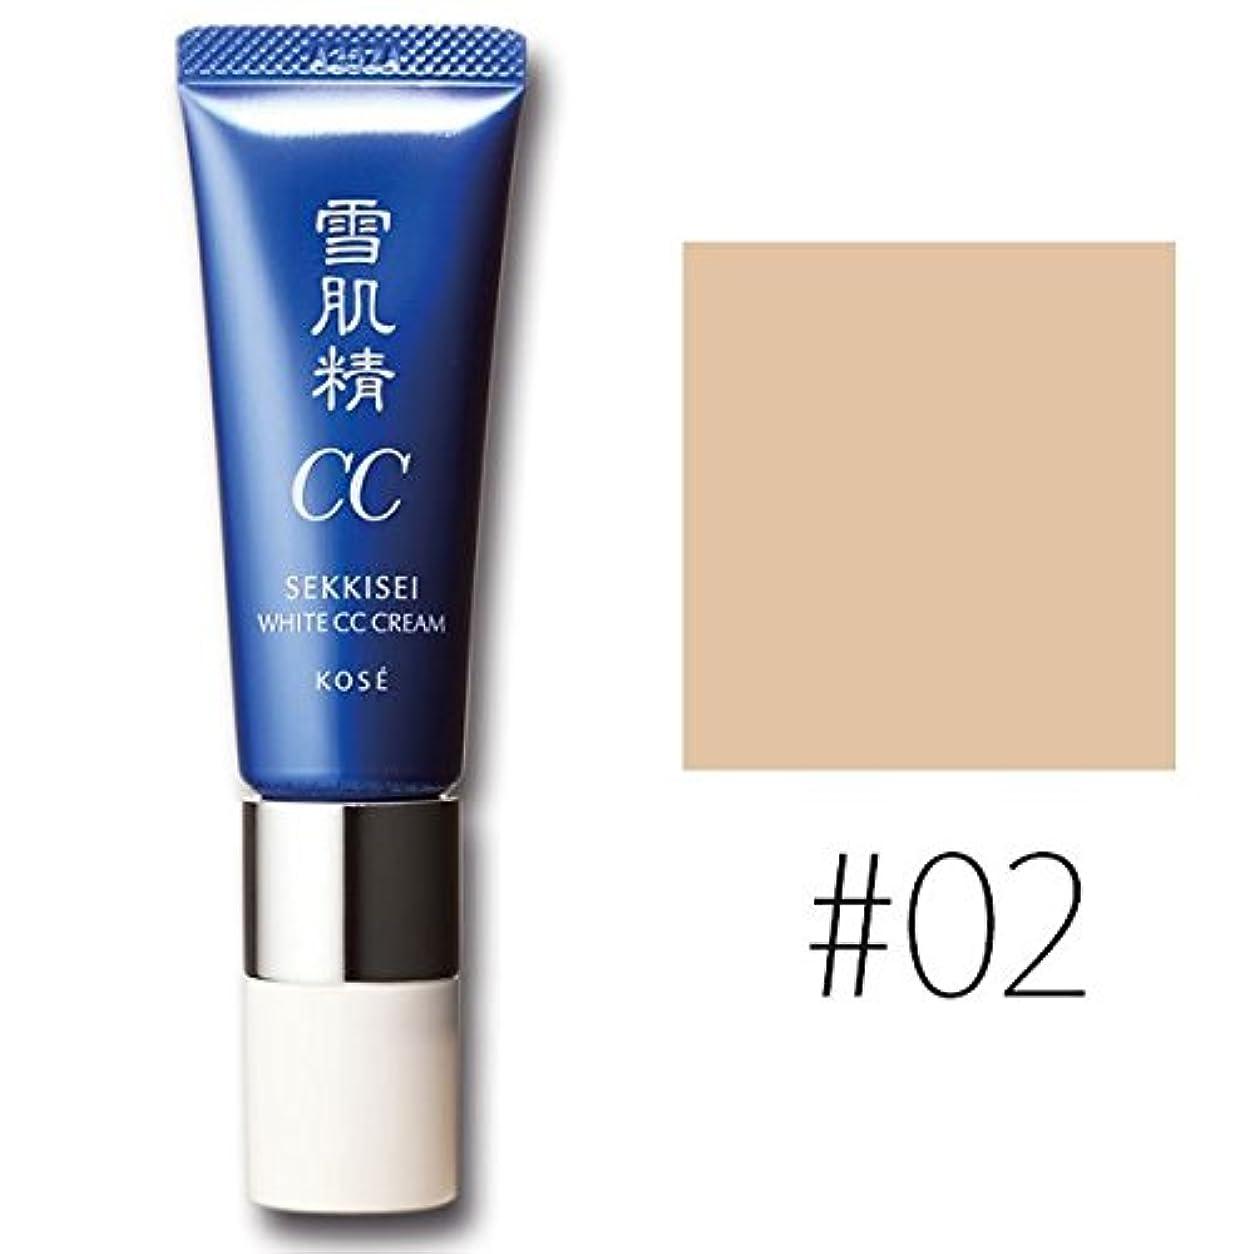 多様な護衛世代コーセー 雪肌精 ホワイト CCクリーム【#02】 #OCHRE SPF50+/PA++++ 30g